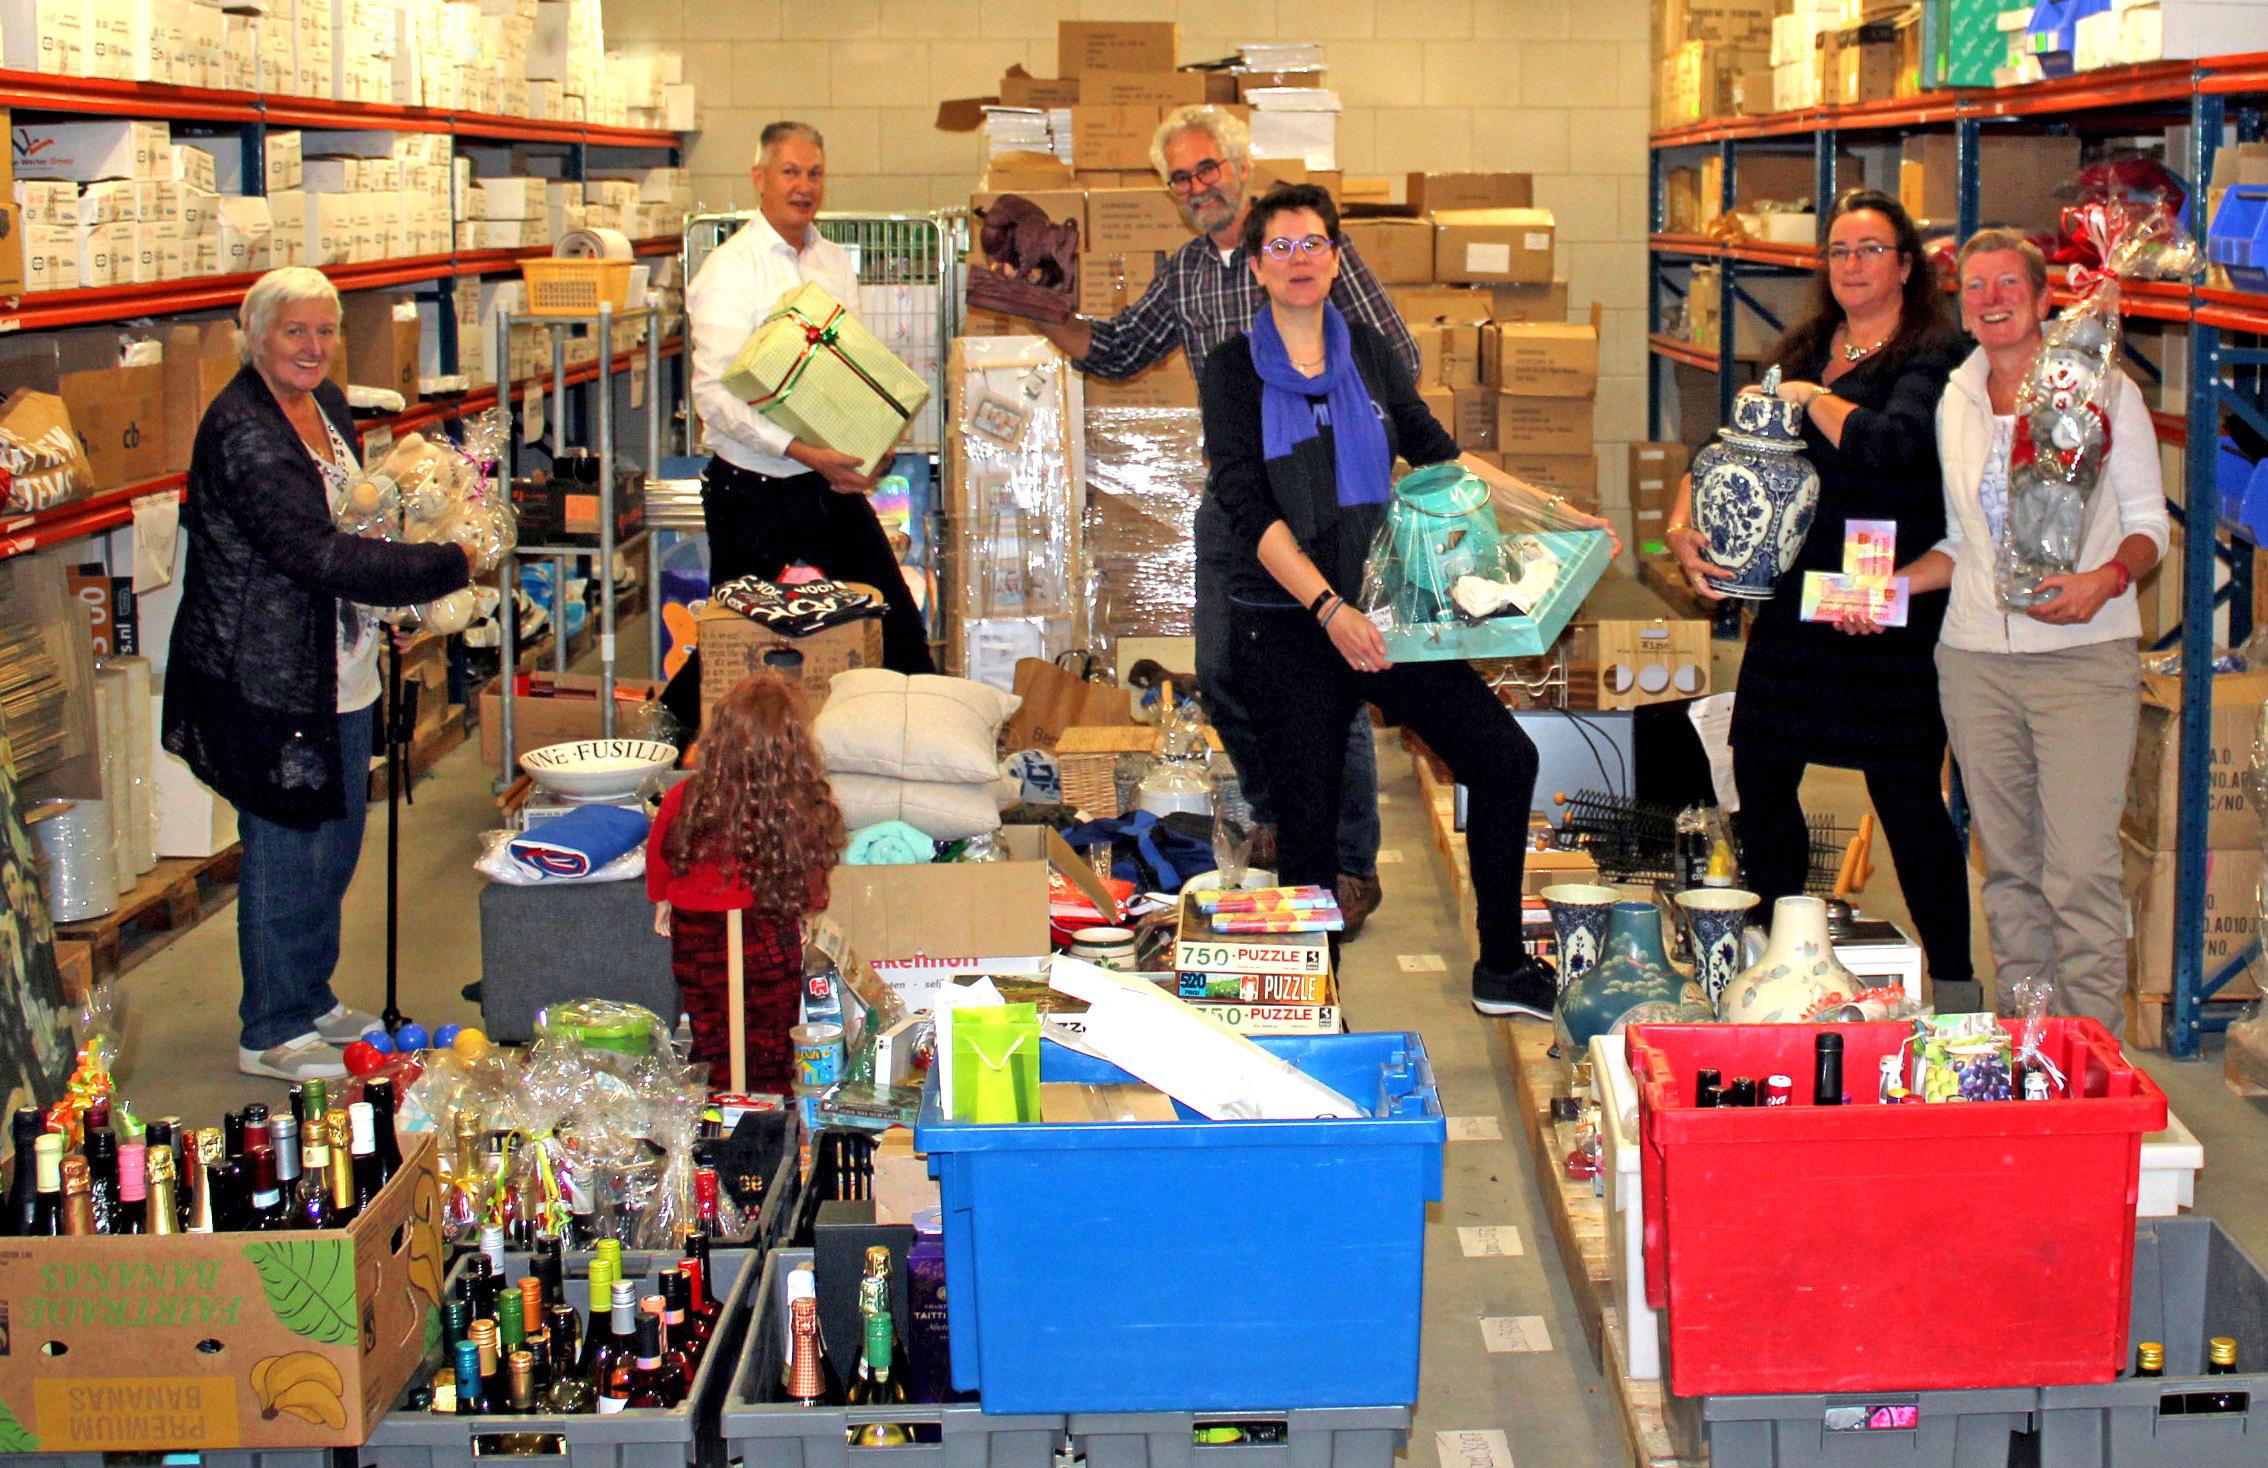 Het veilingcomité verzamelde vele kavels voor de jaarlijkse veiling in De Brink in Obdam. (Foto: aangeleverd)